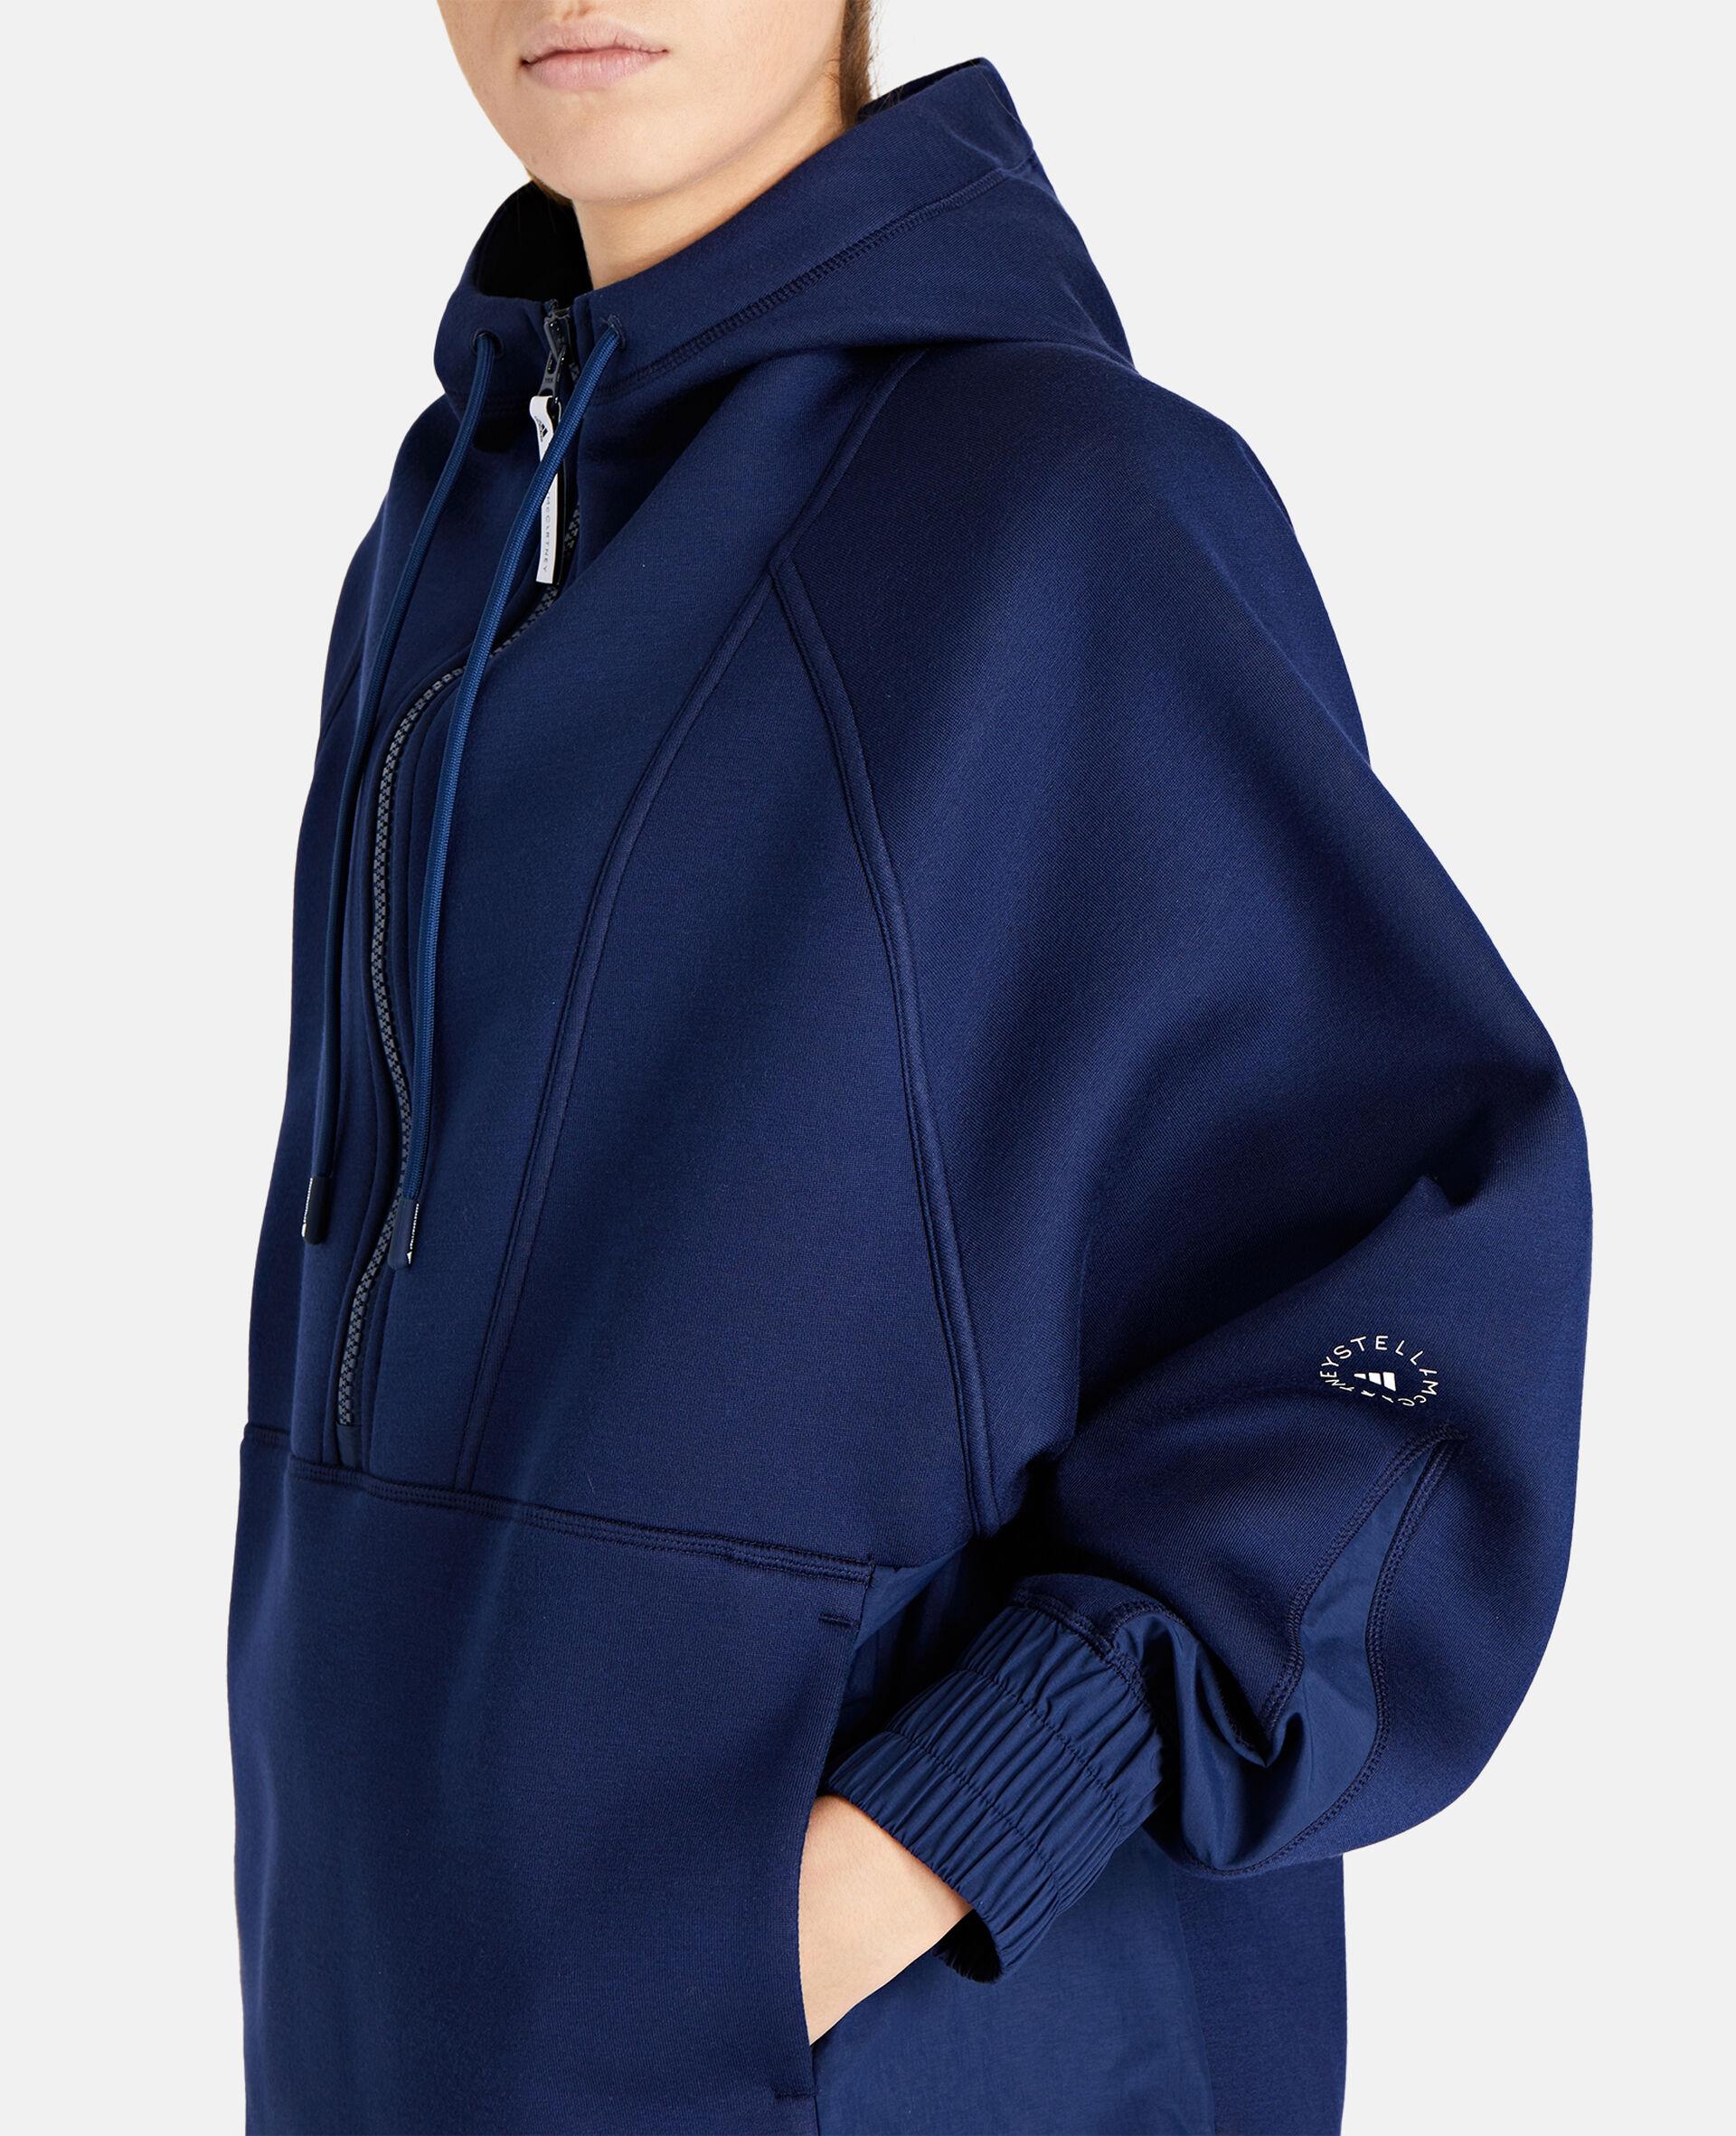 Blauer Kapuzenpullover mit halbem Reißverschluss-Blau-large image number 3